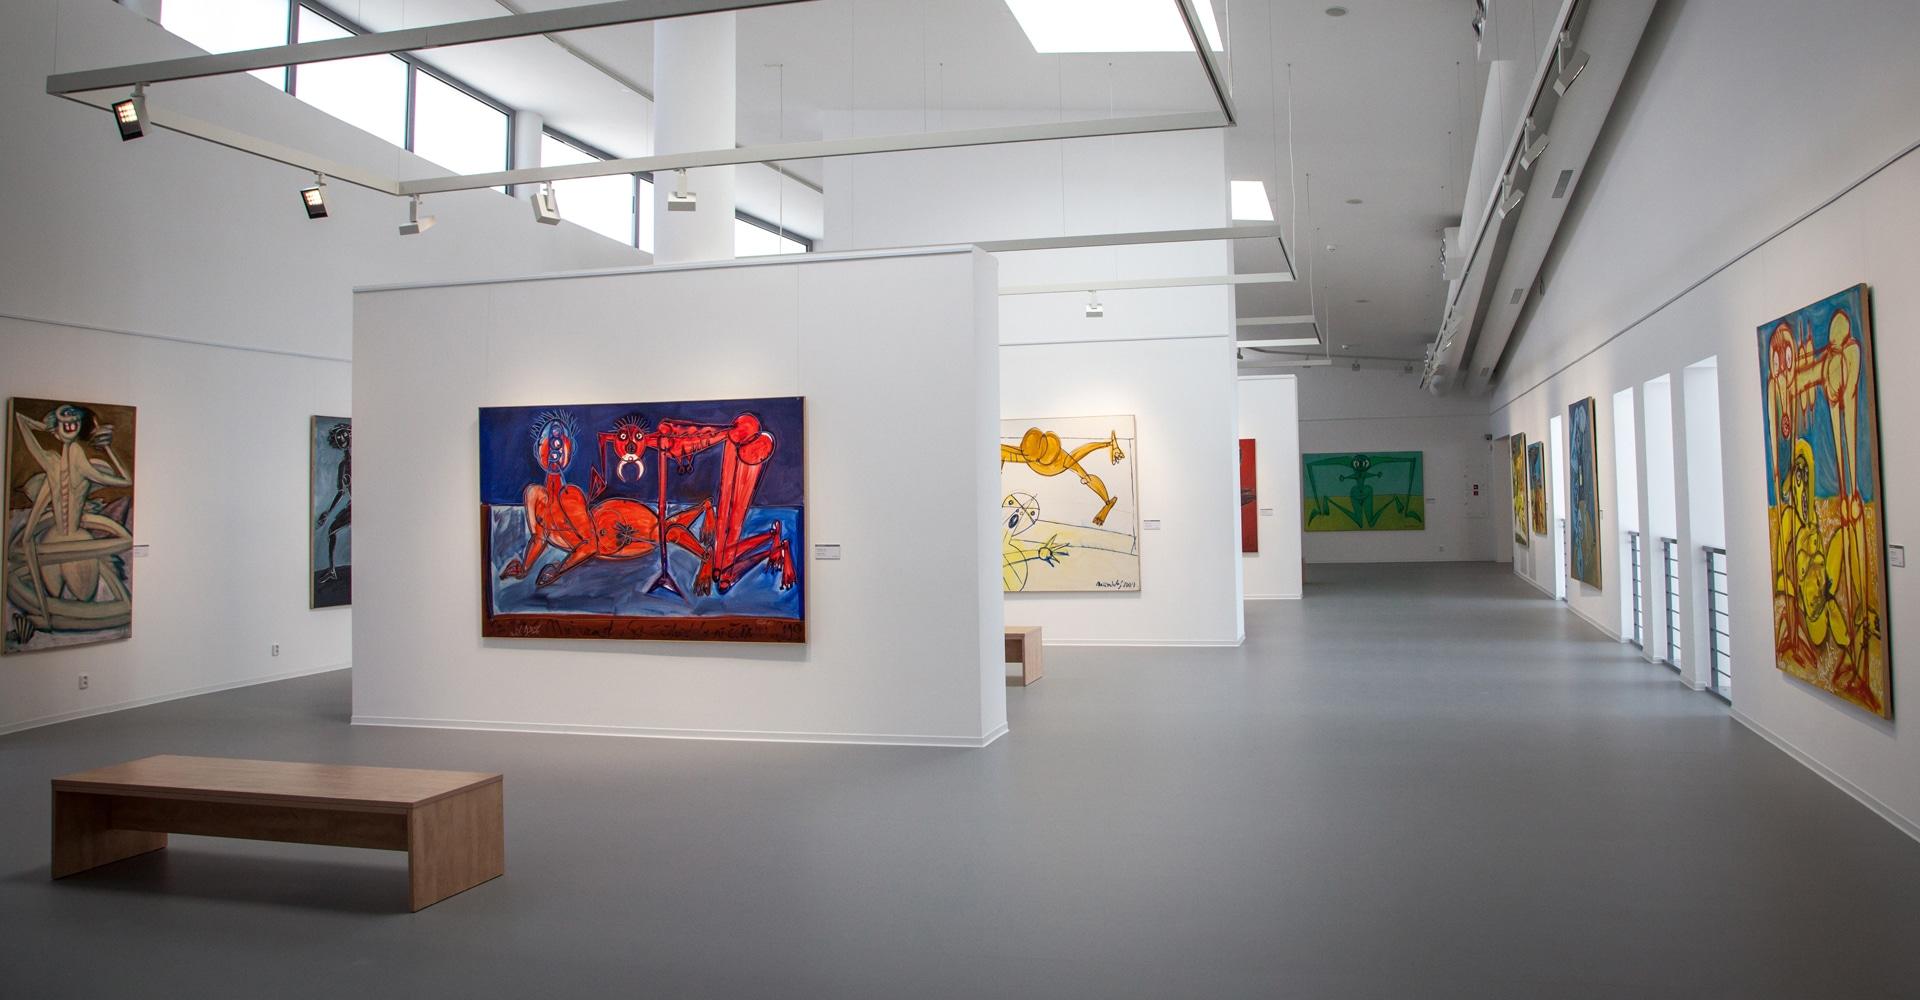 Museumvloer voor schilderkunst